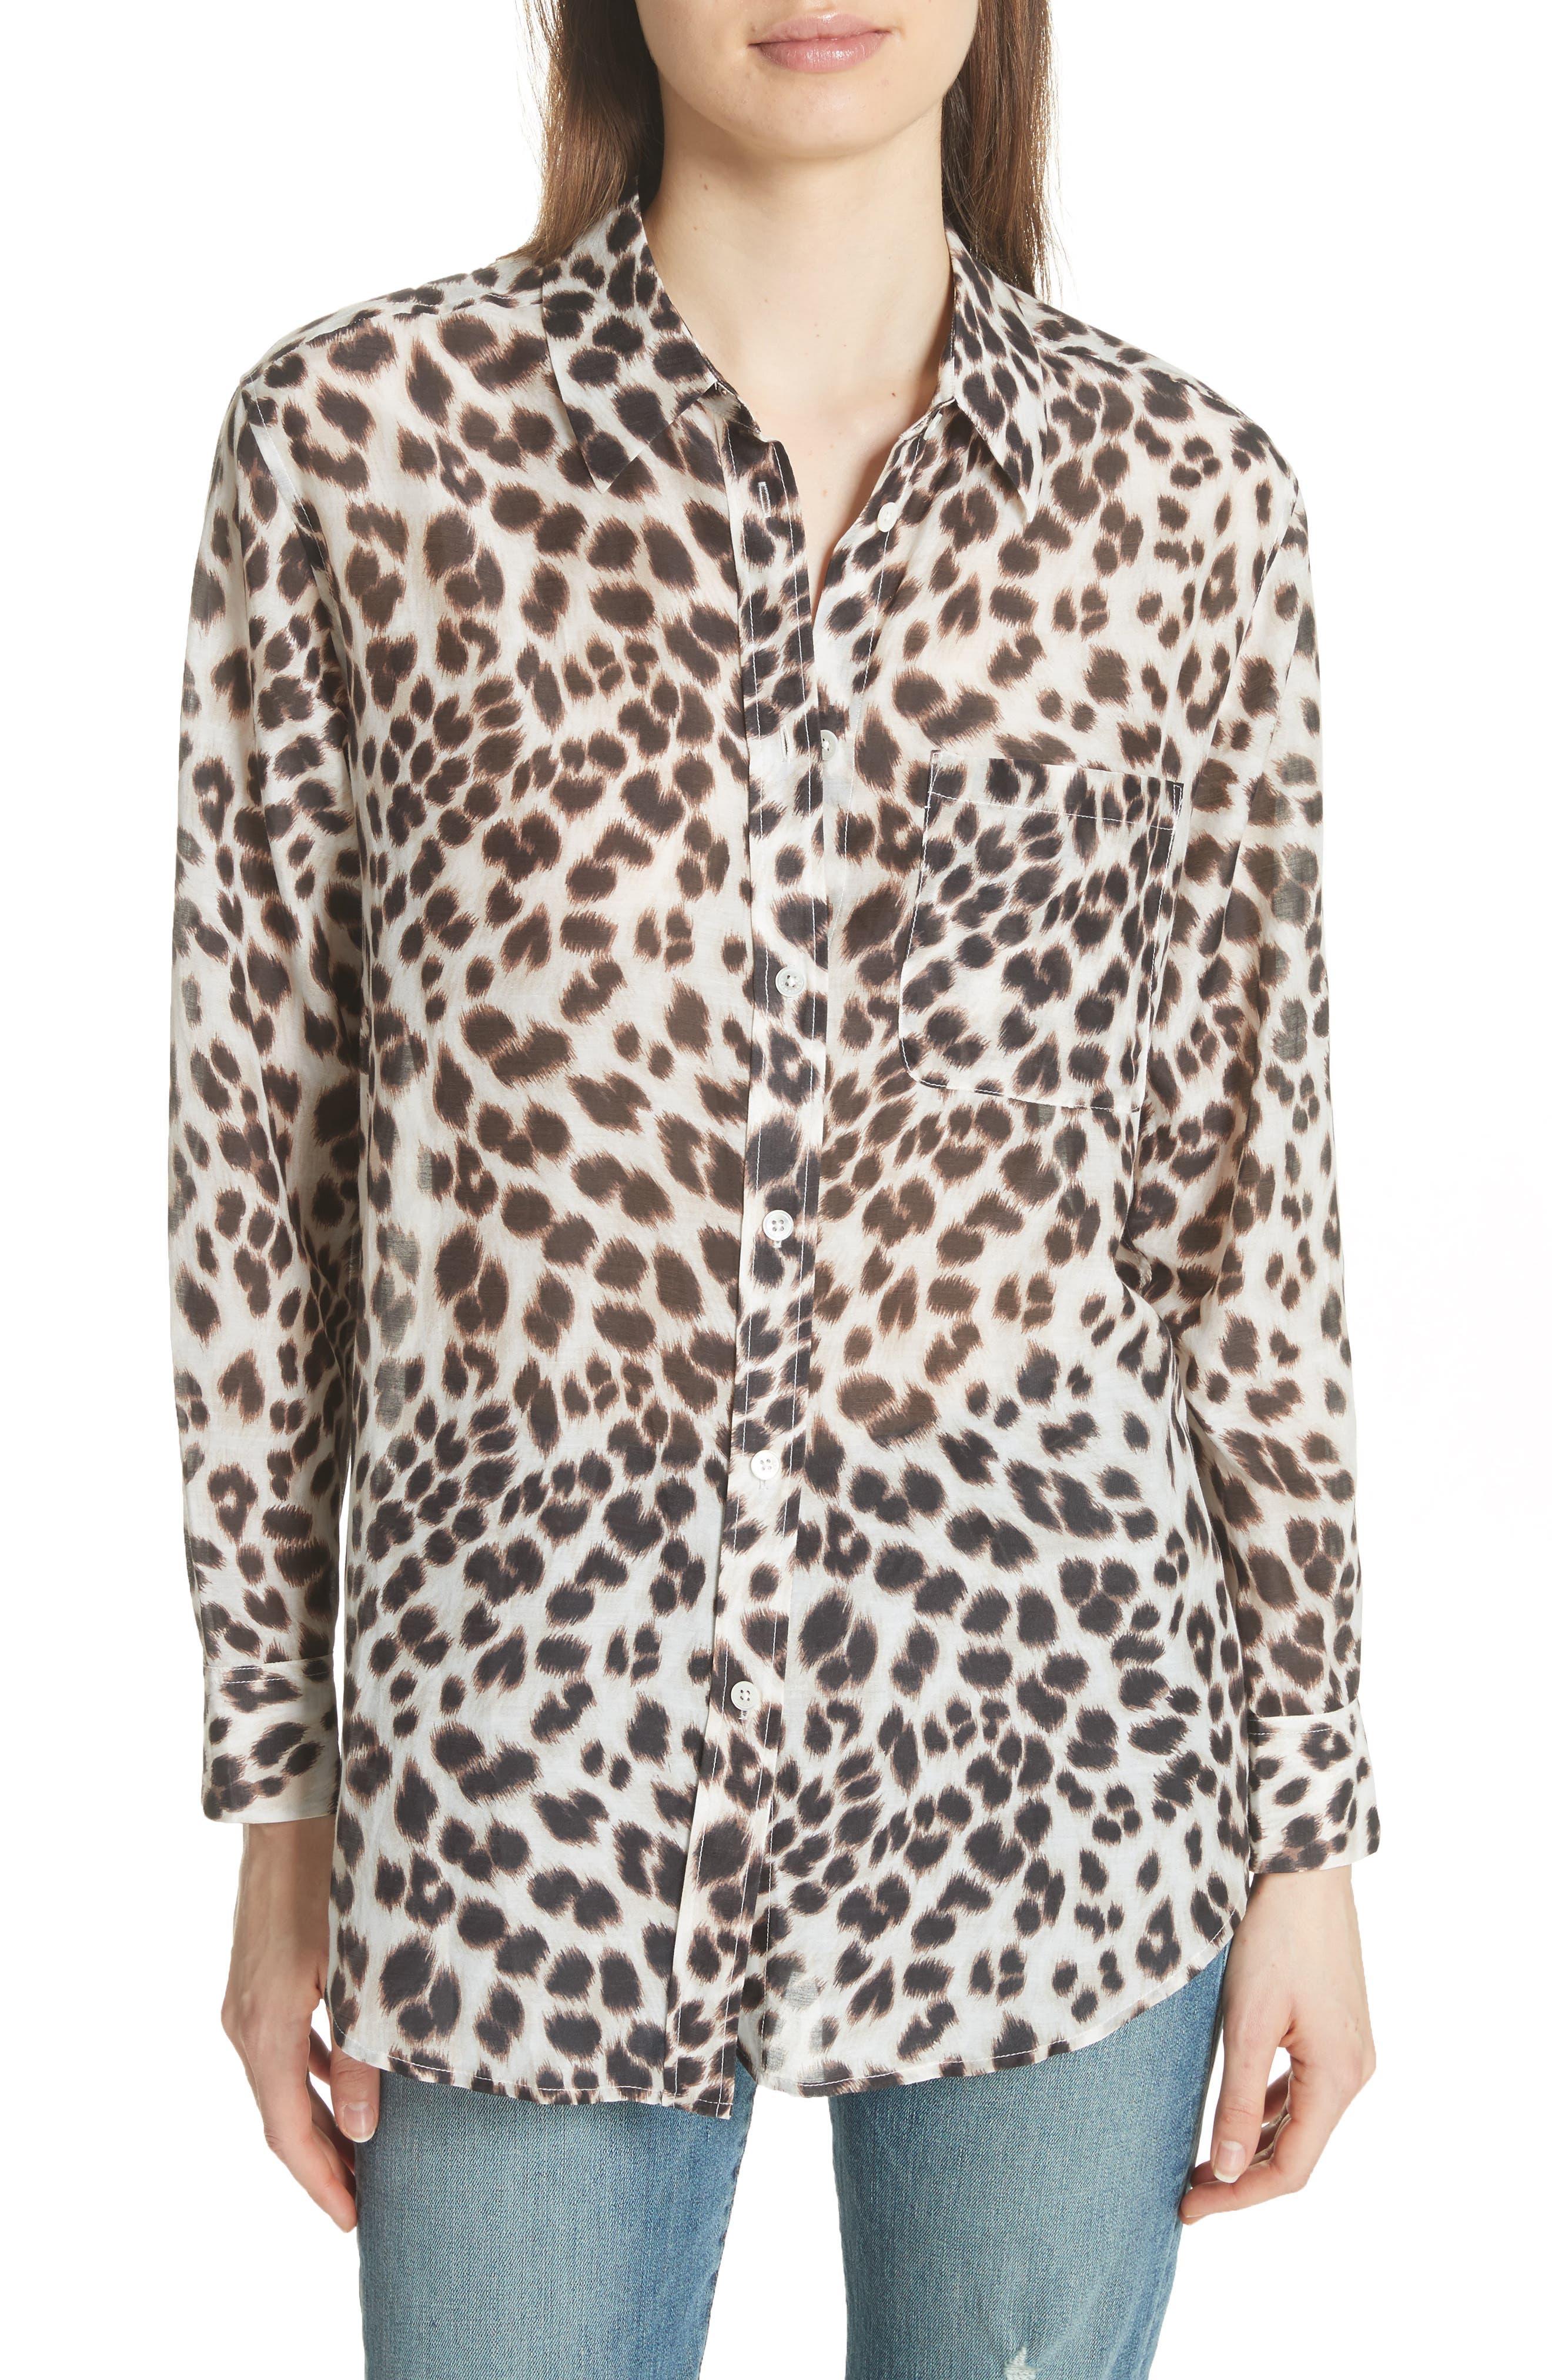 Daddy Leopard Print Blouse,                         Main,                         color, Bright White Multi